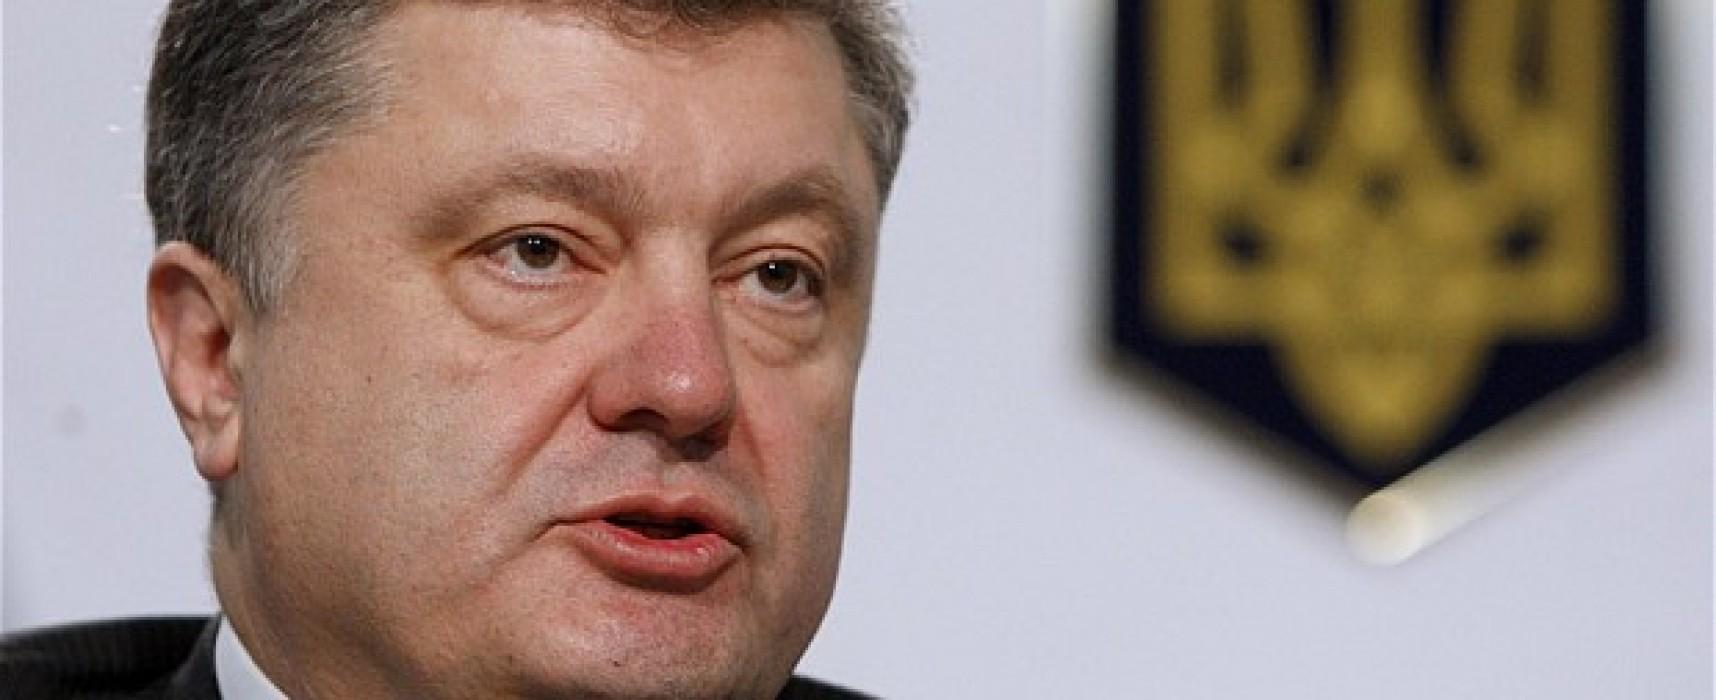 Le riforme in Ucraina, numeri contro disinformazione